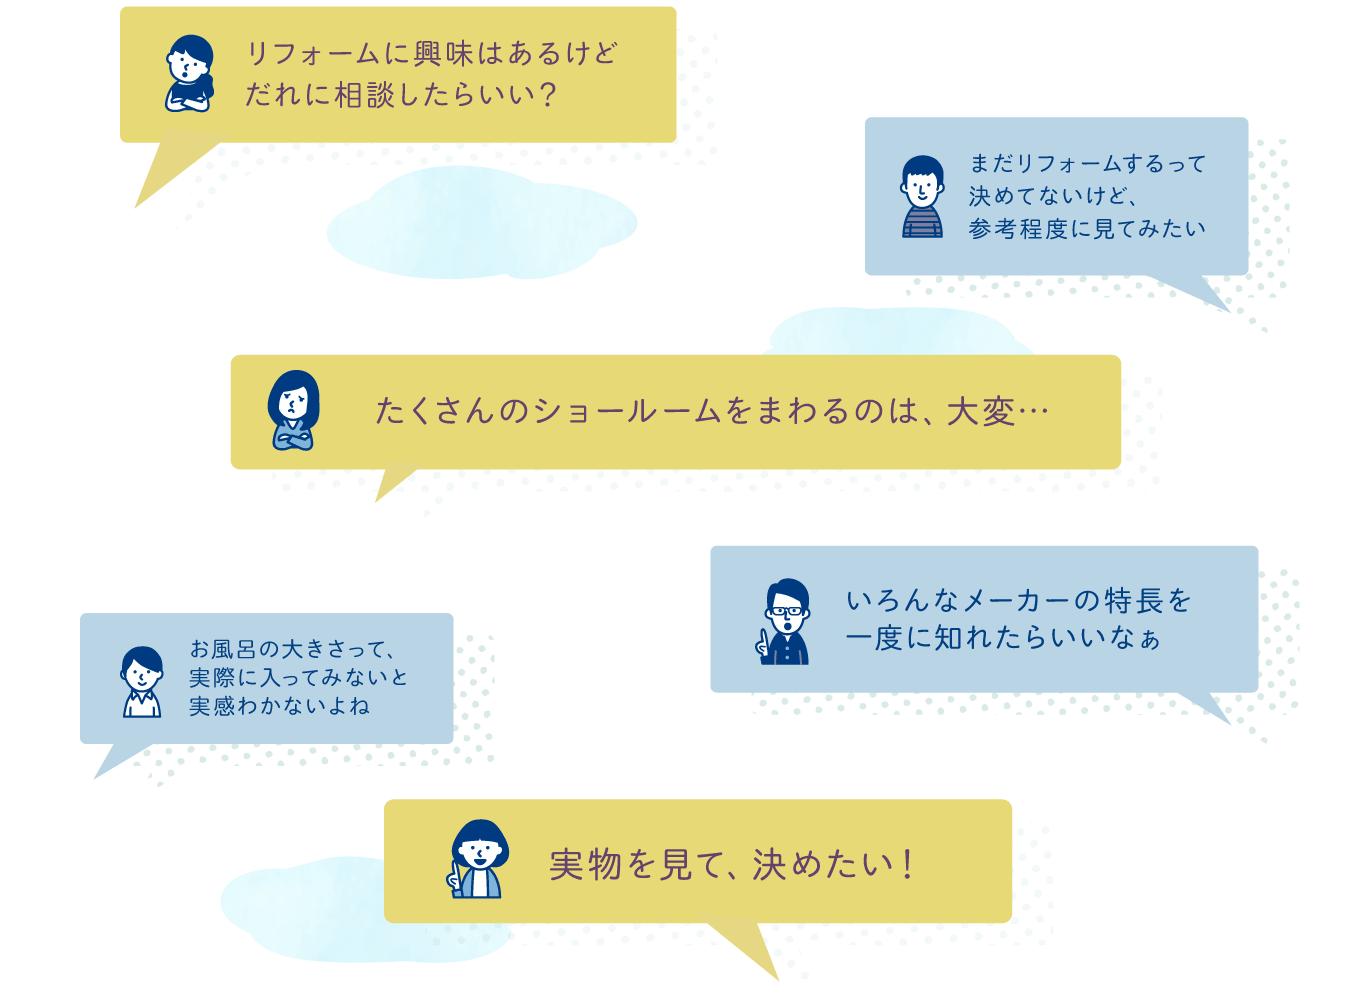 リフォームの疑問